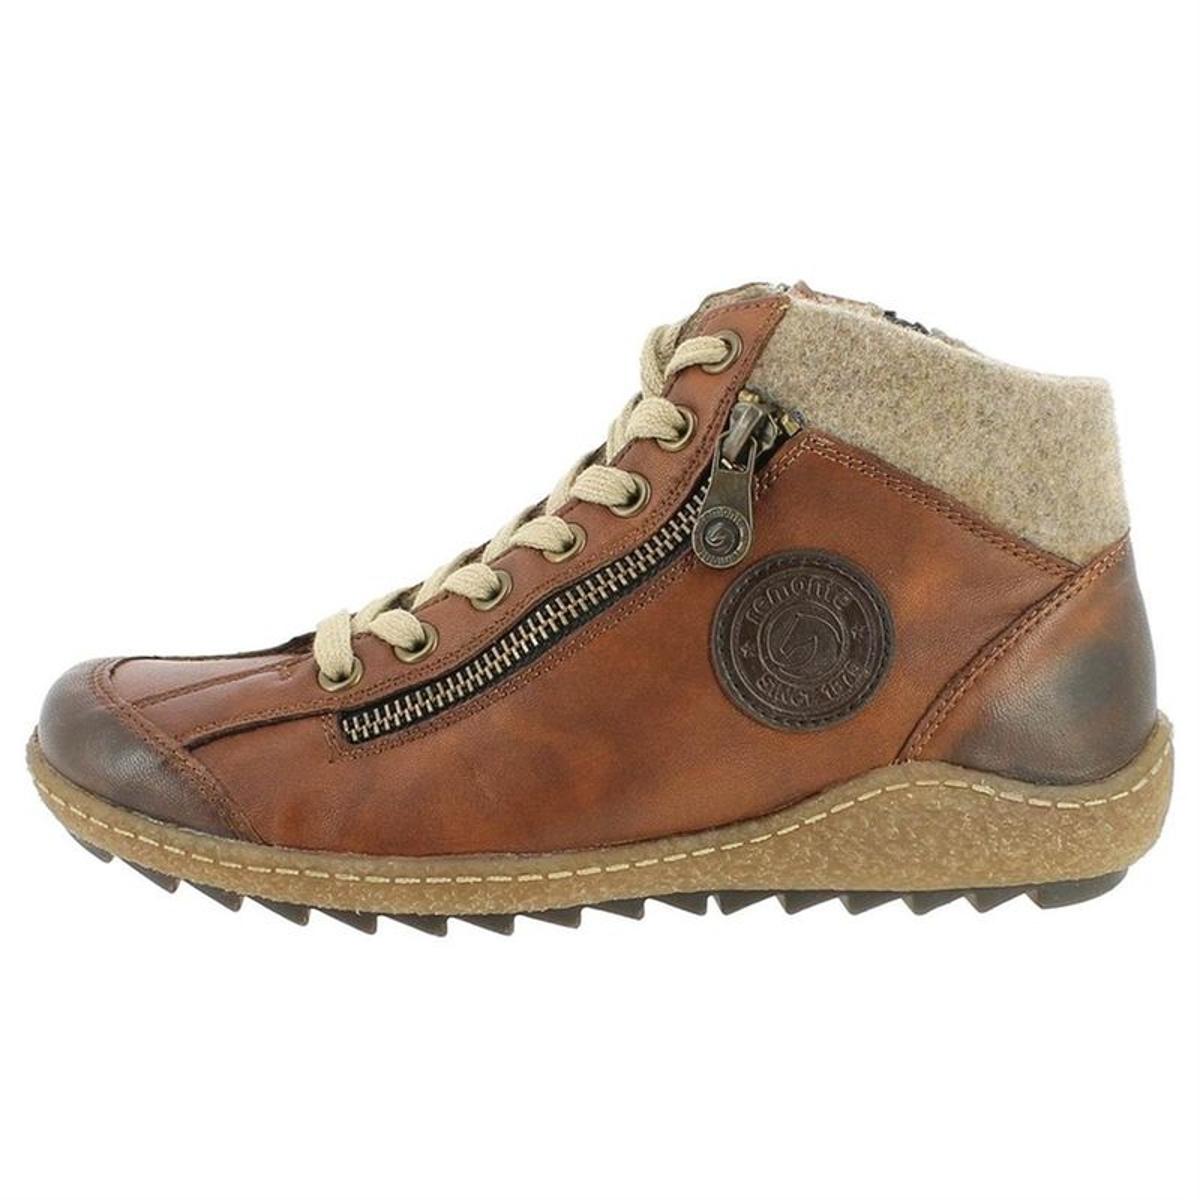 Soldes ! chaussures a lacets fourré - remonte